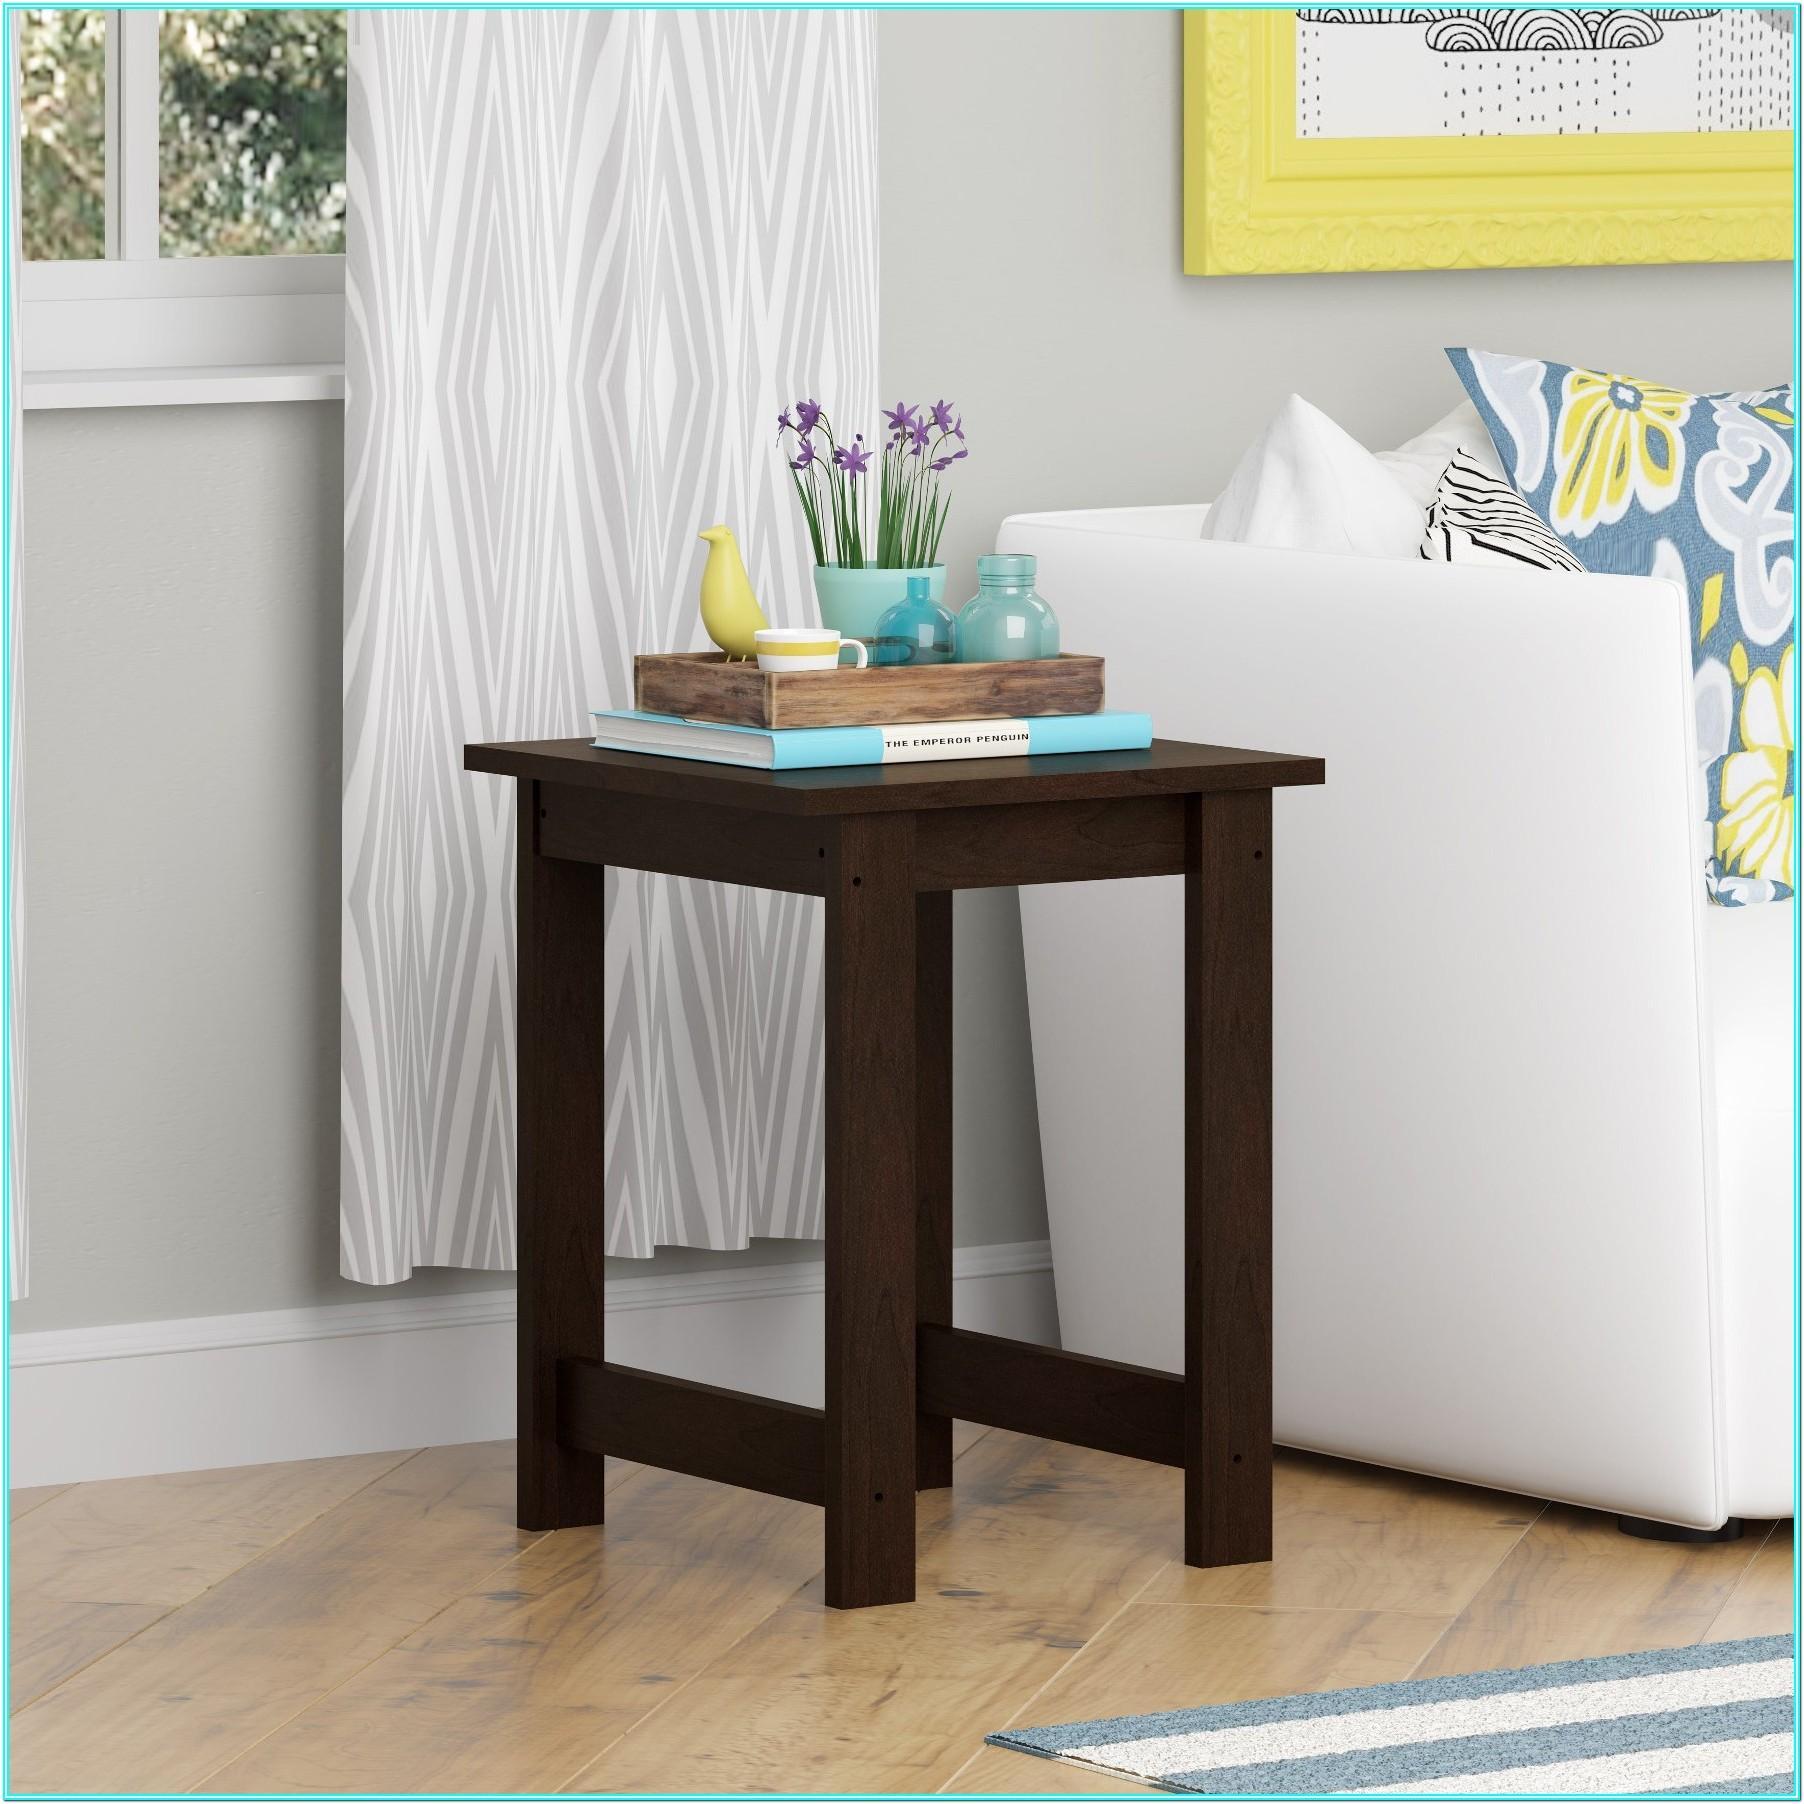 Living Room Unique End Table Ideas